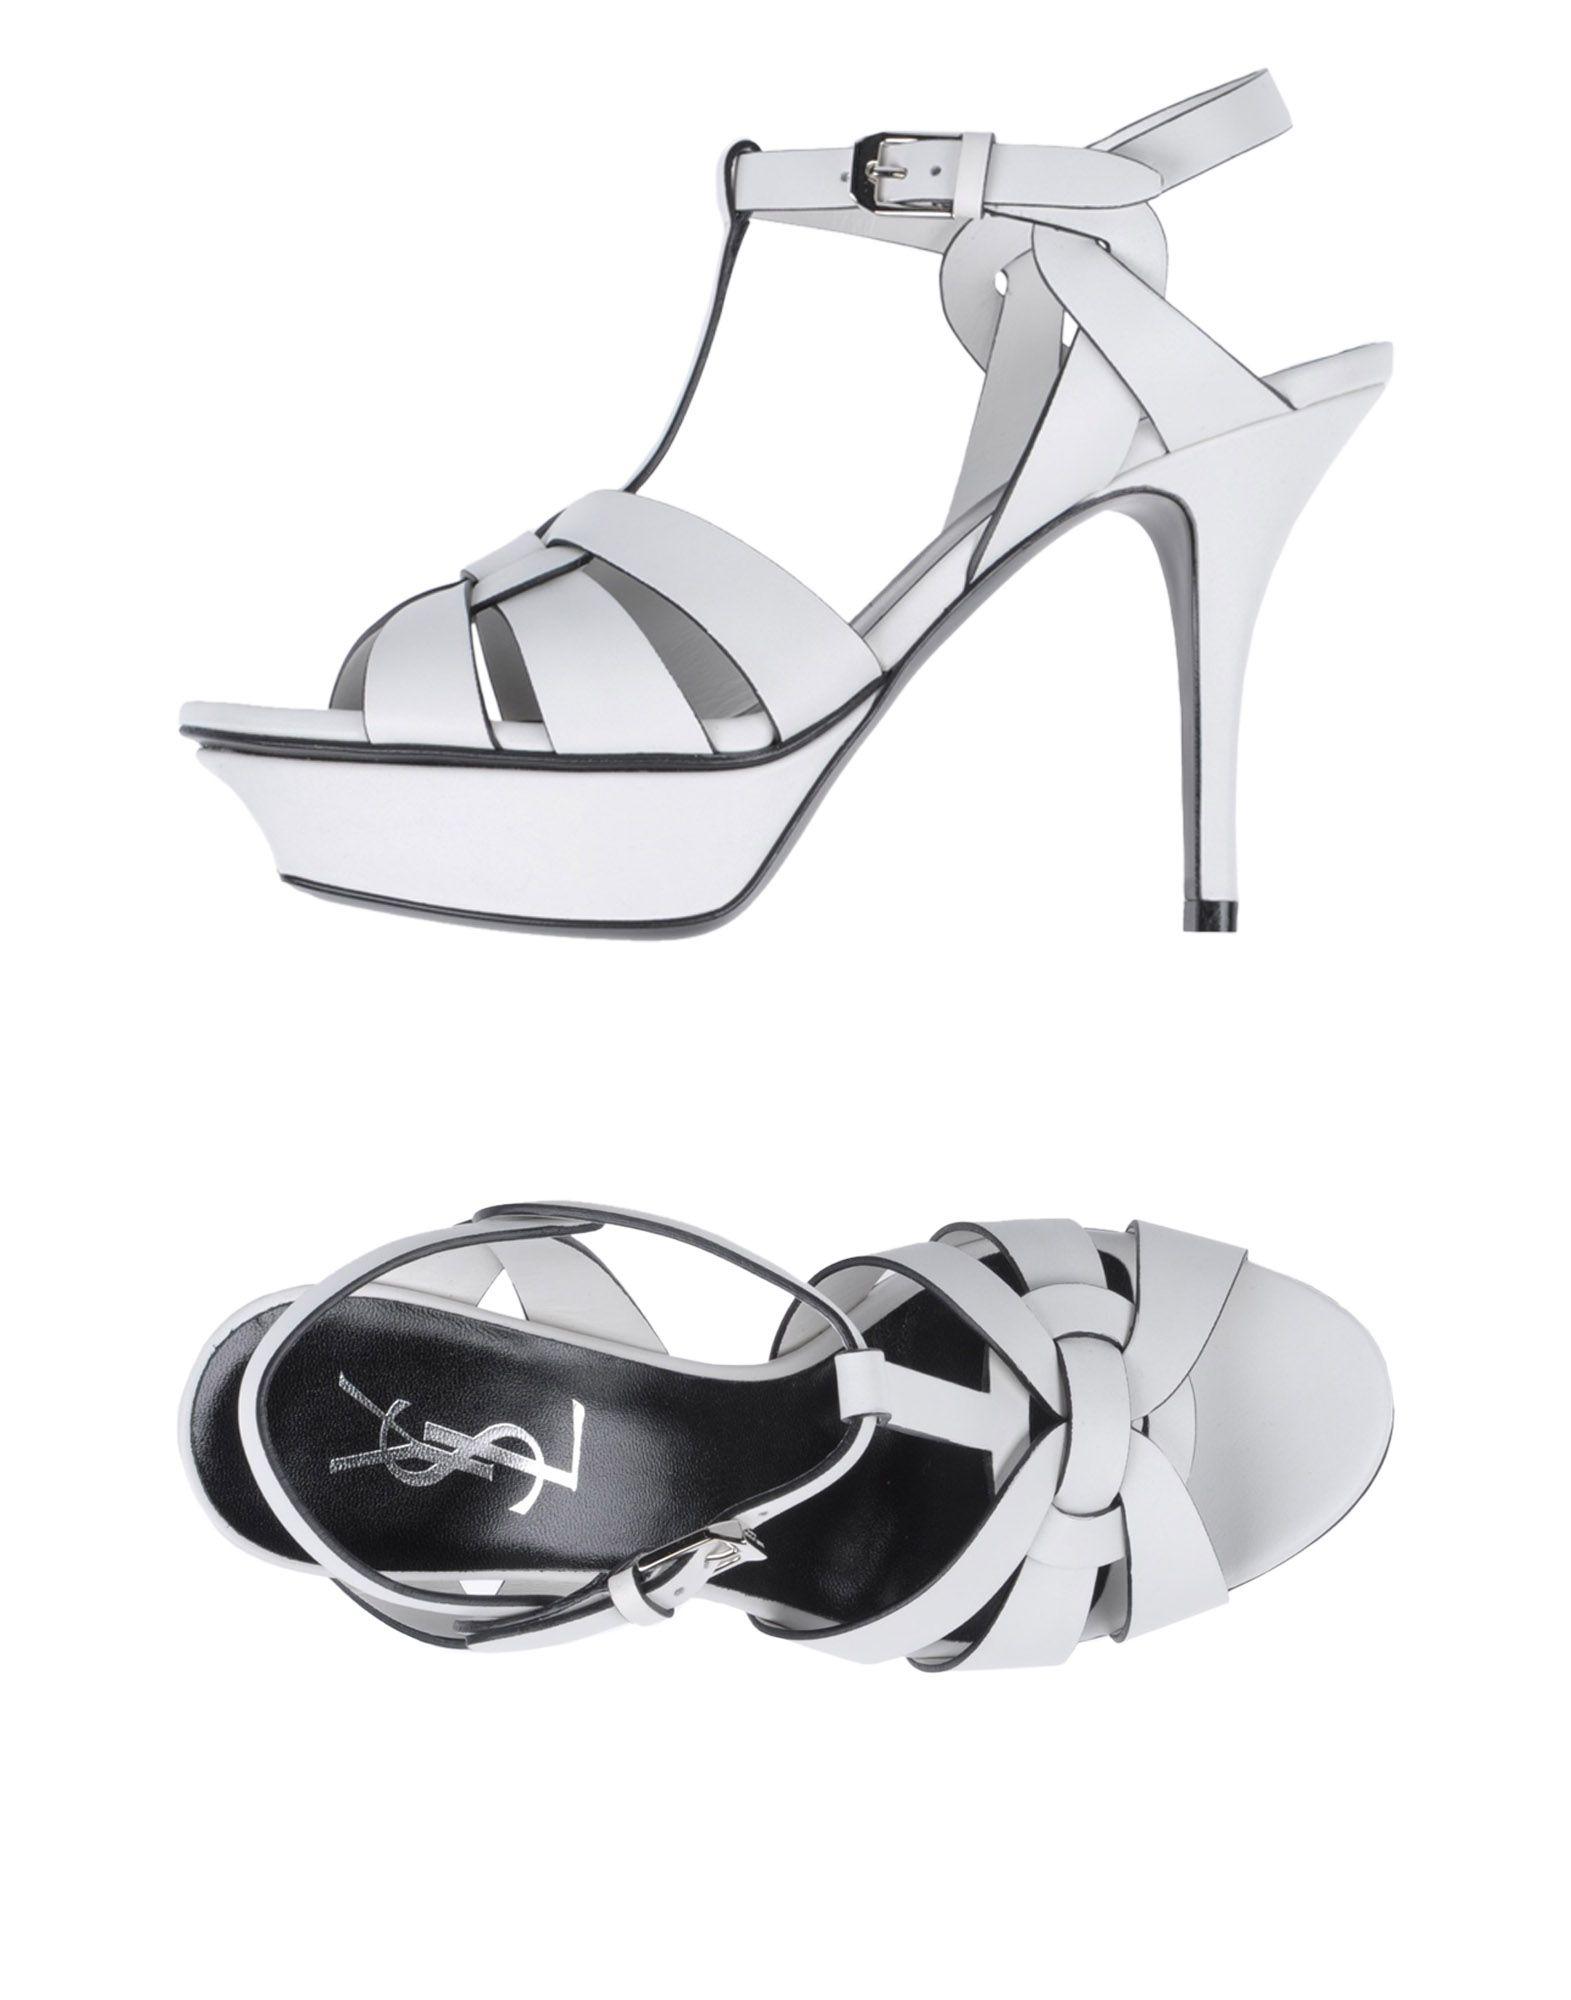 SAINT LAURENT Damen Sandale Farbe Weiß Größe 5 jetztbilligerkaufen